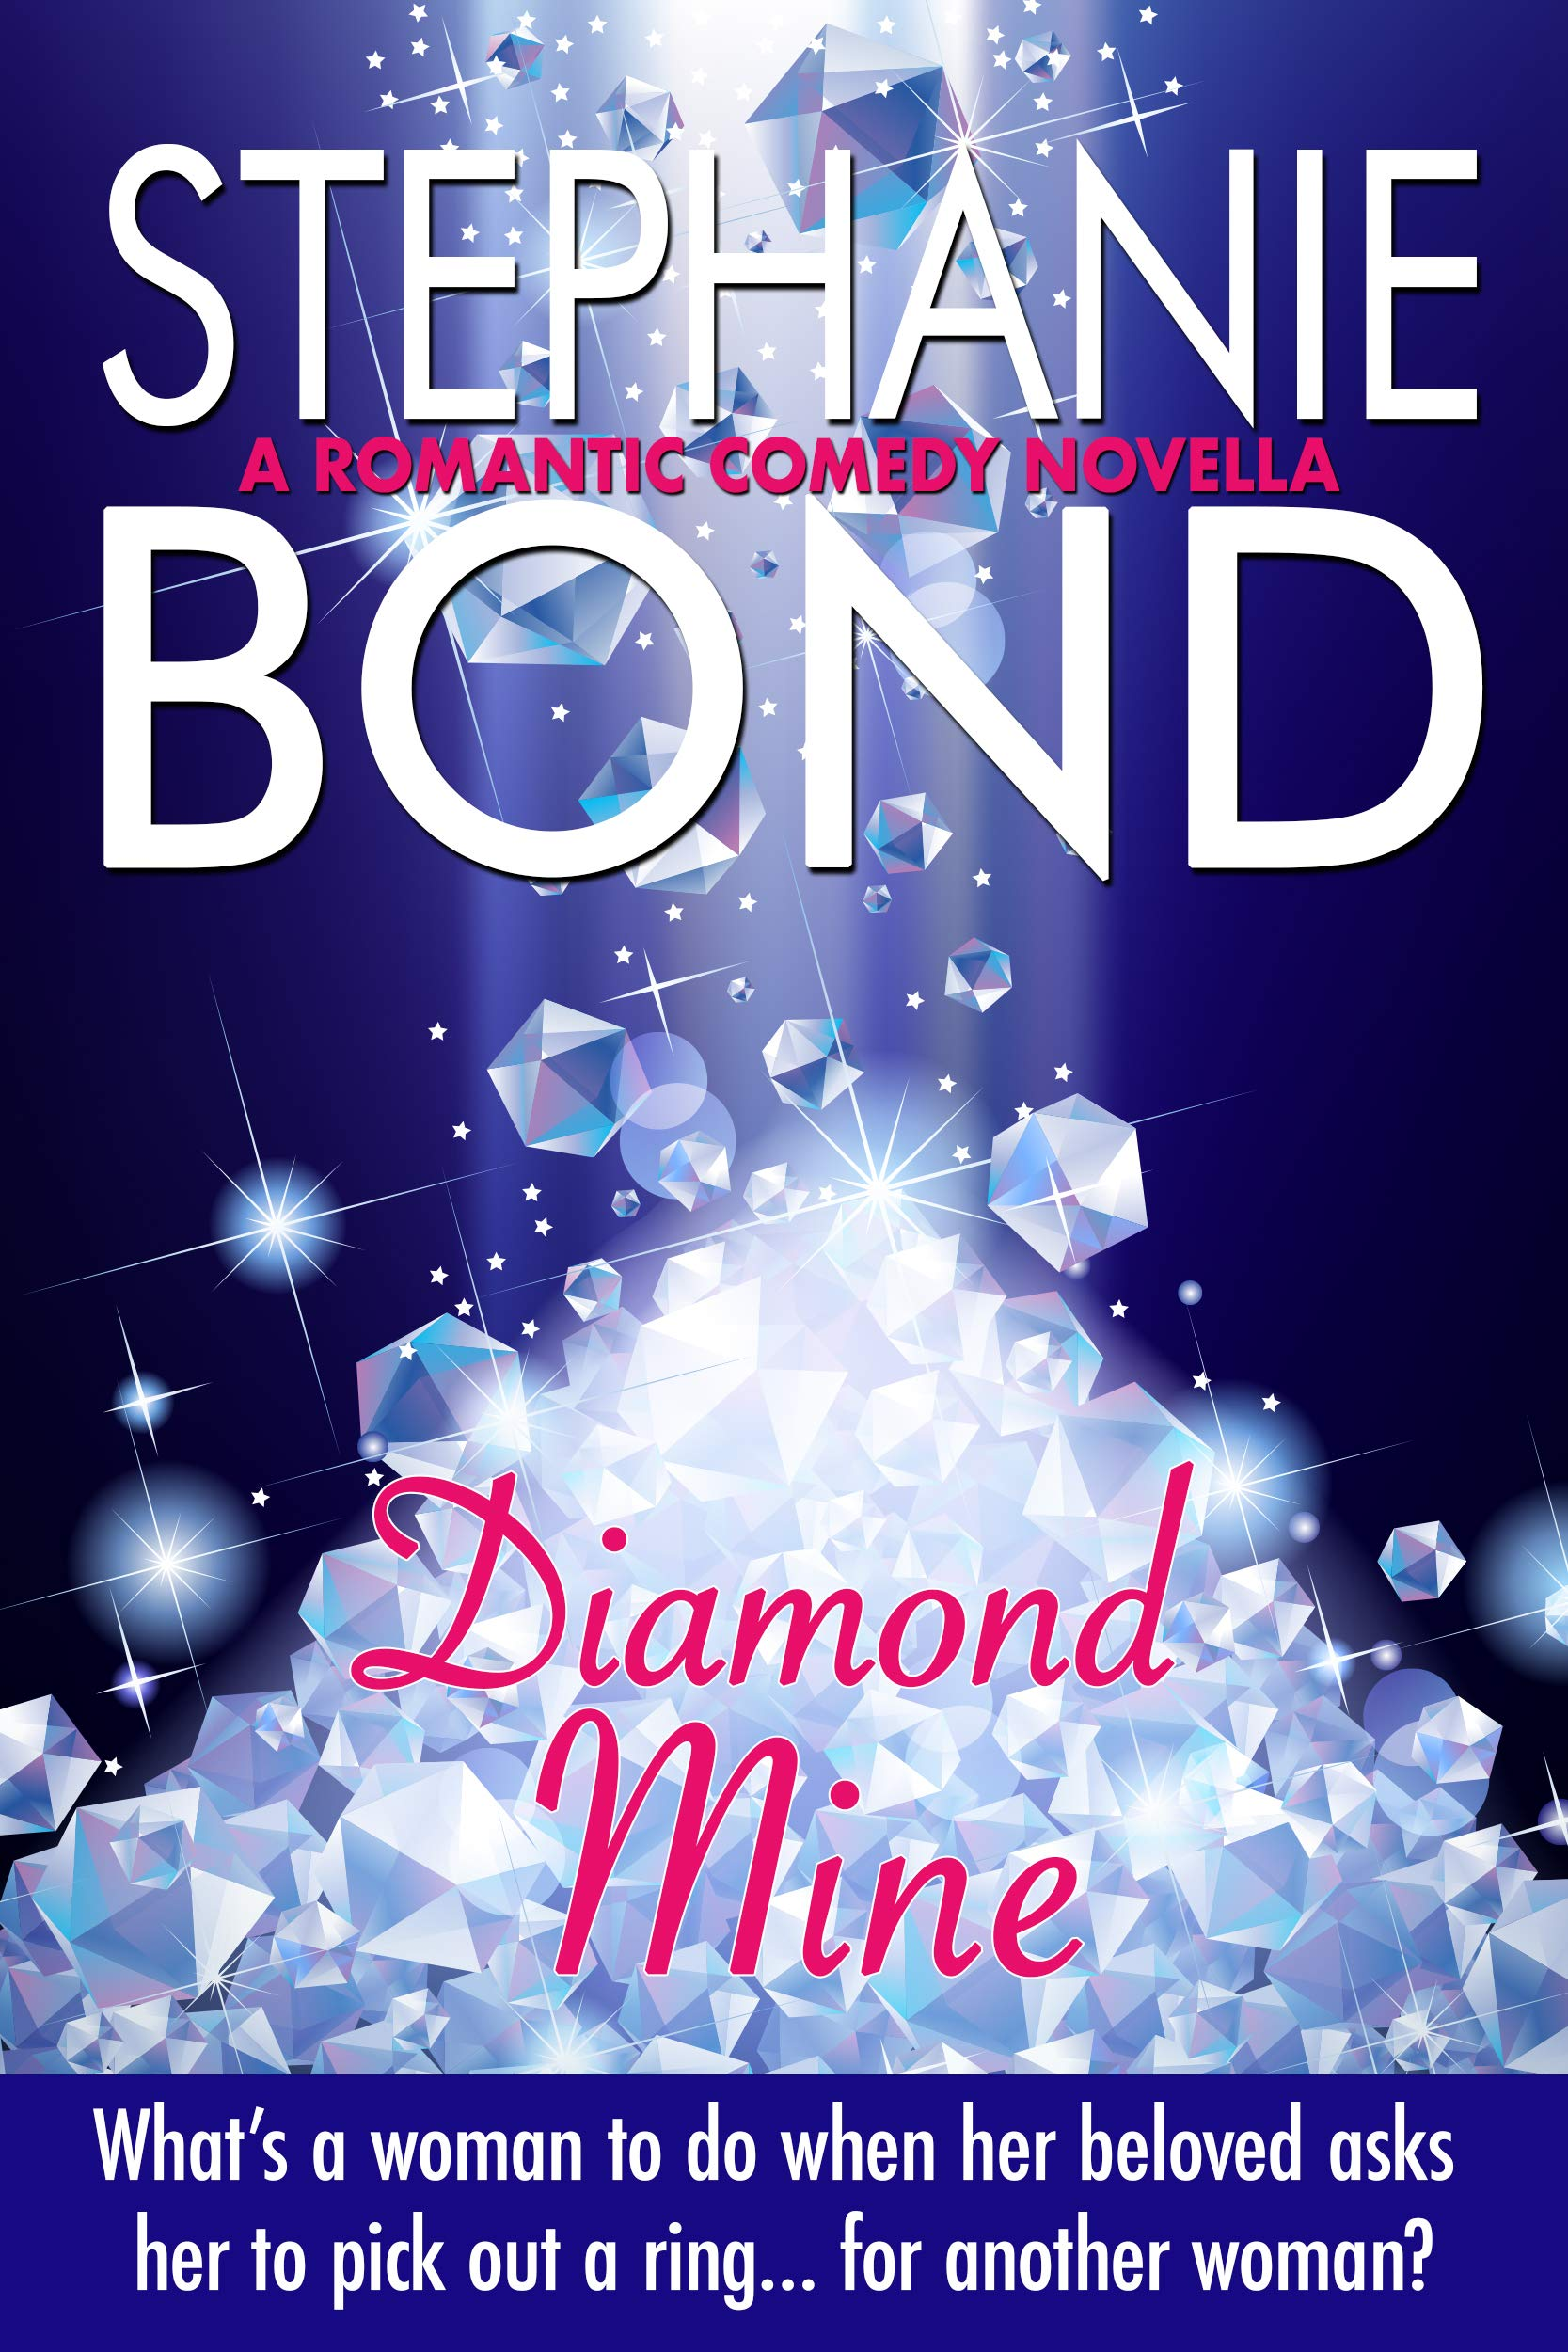 Diamond Mine: a romantic comedy novella